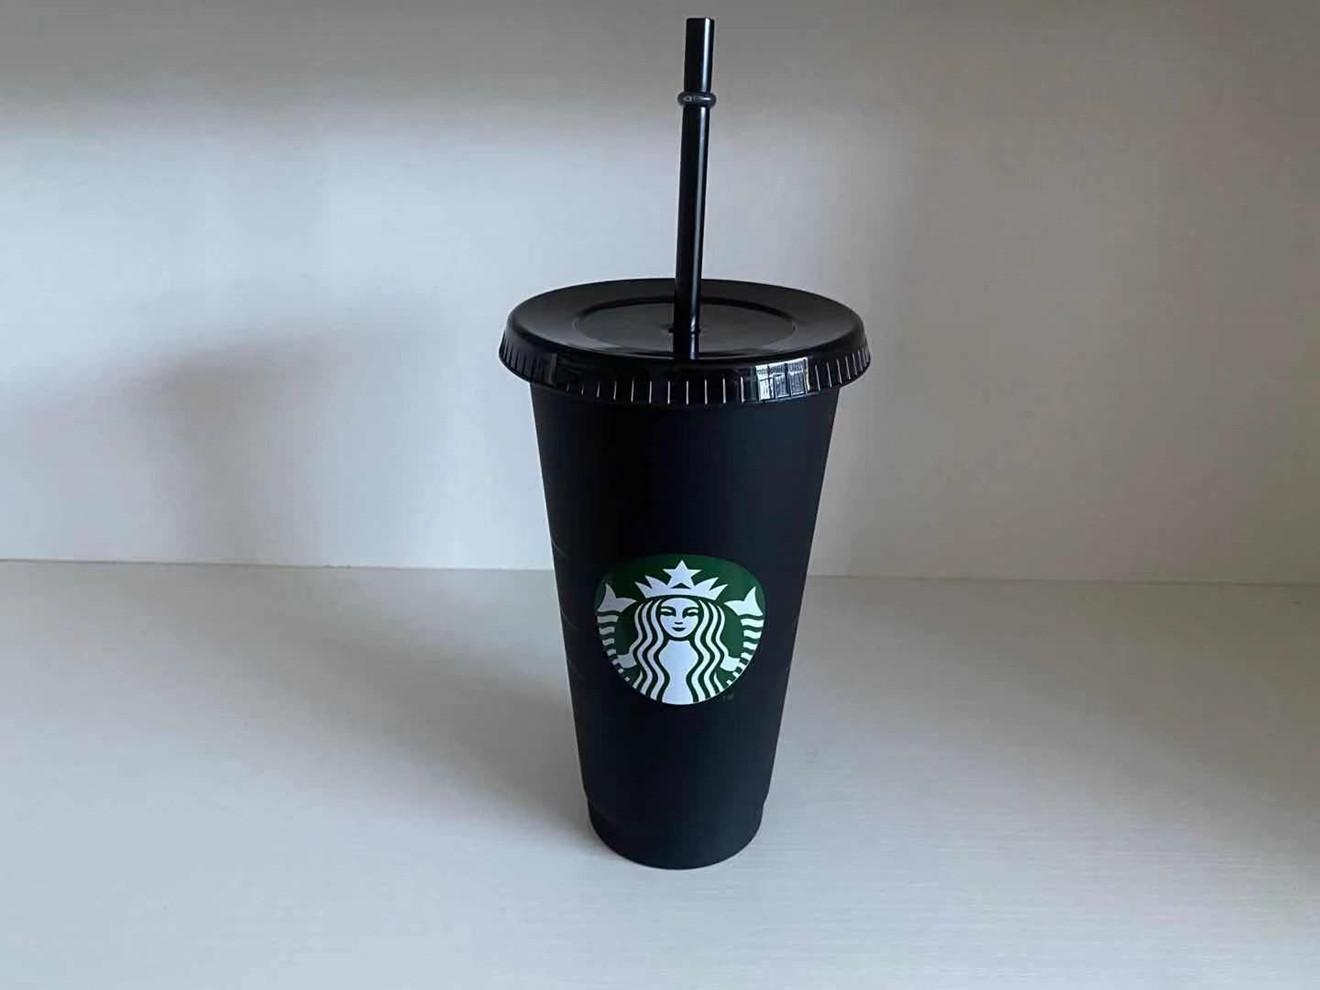 Starbucks 24 Oz Kunststoff Getränke Saft Tasse und Stroh Magie Kaffeetasse Custom Starbucks Plastic Becher, Sie können das Logo 5 PCS 66 KNMD anpassen